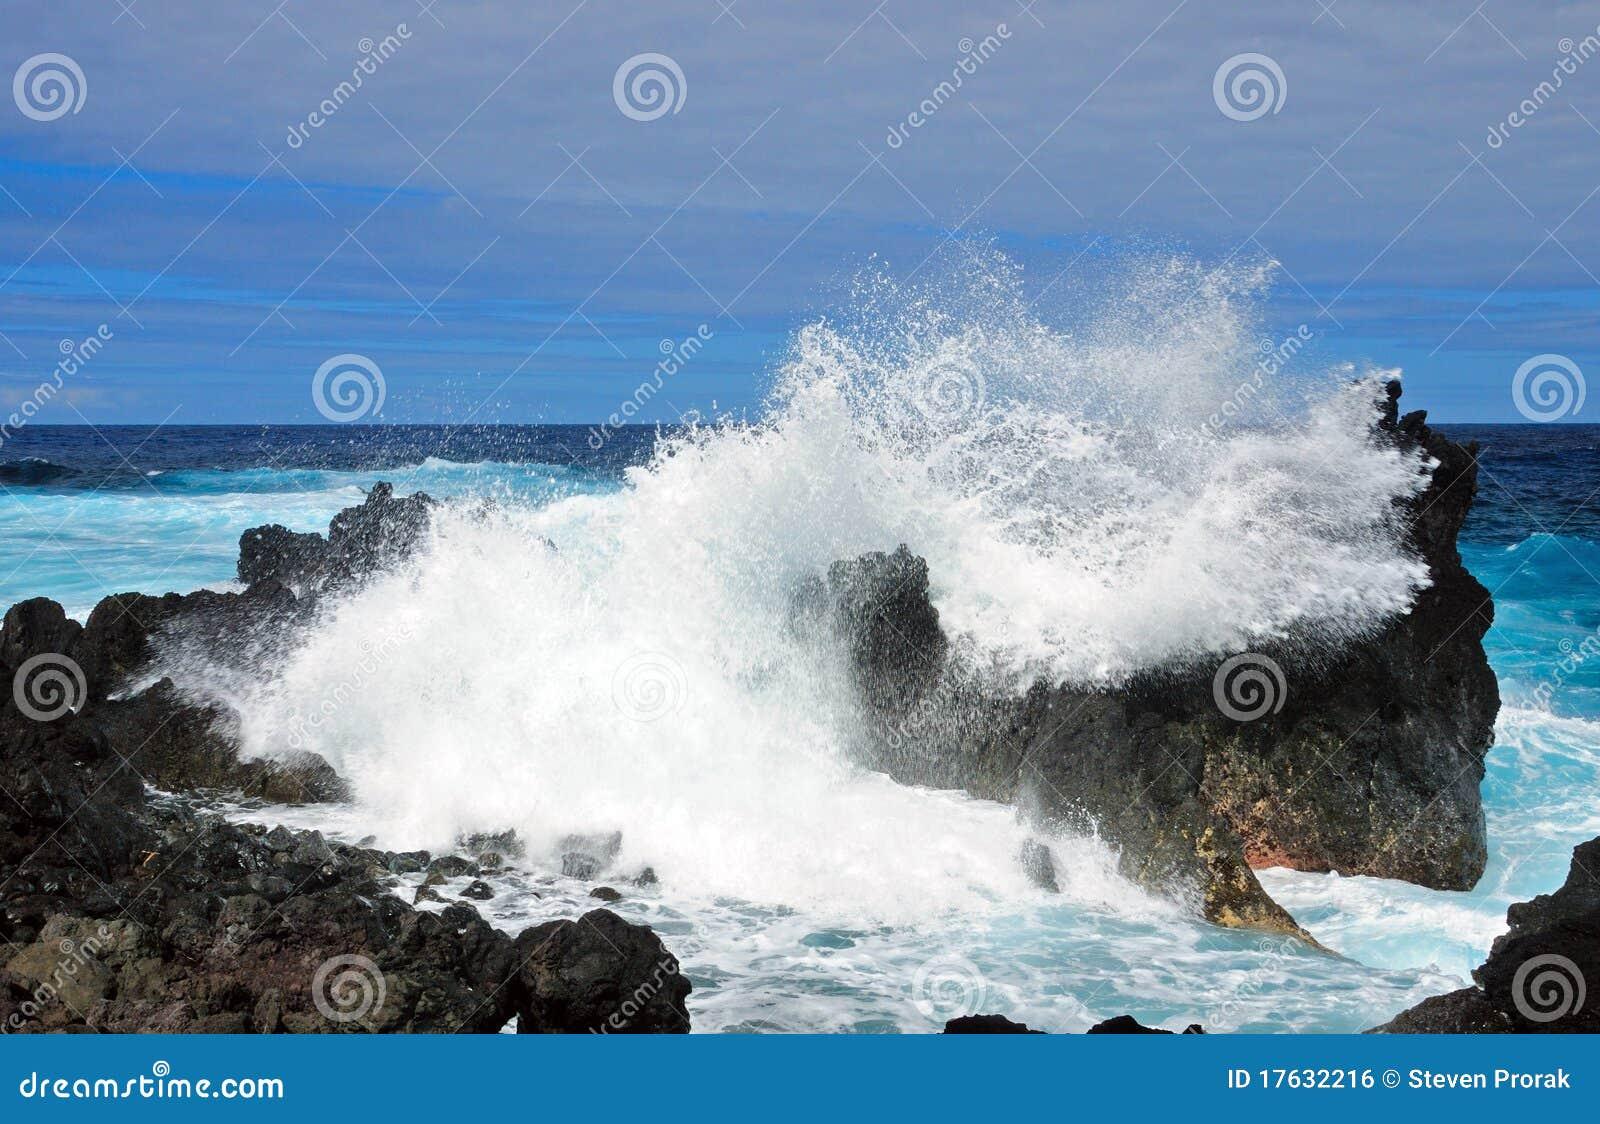 Coastal waves on rocks